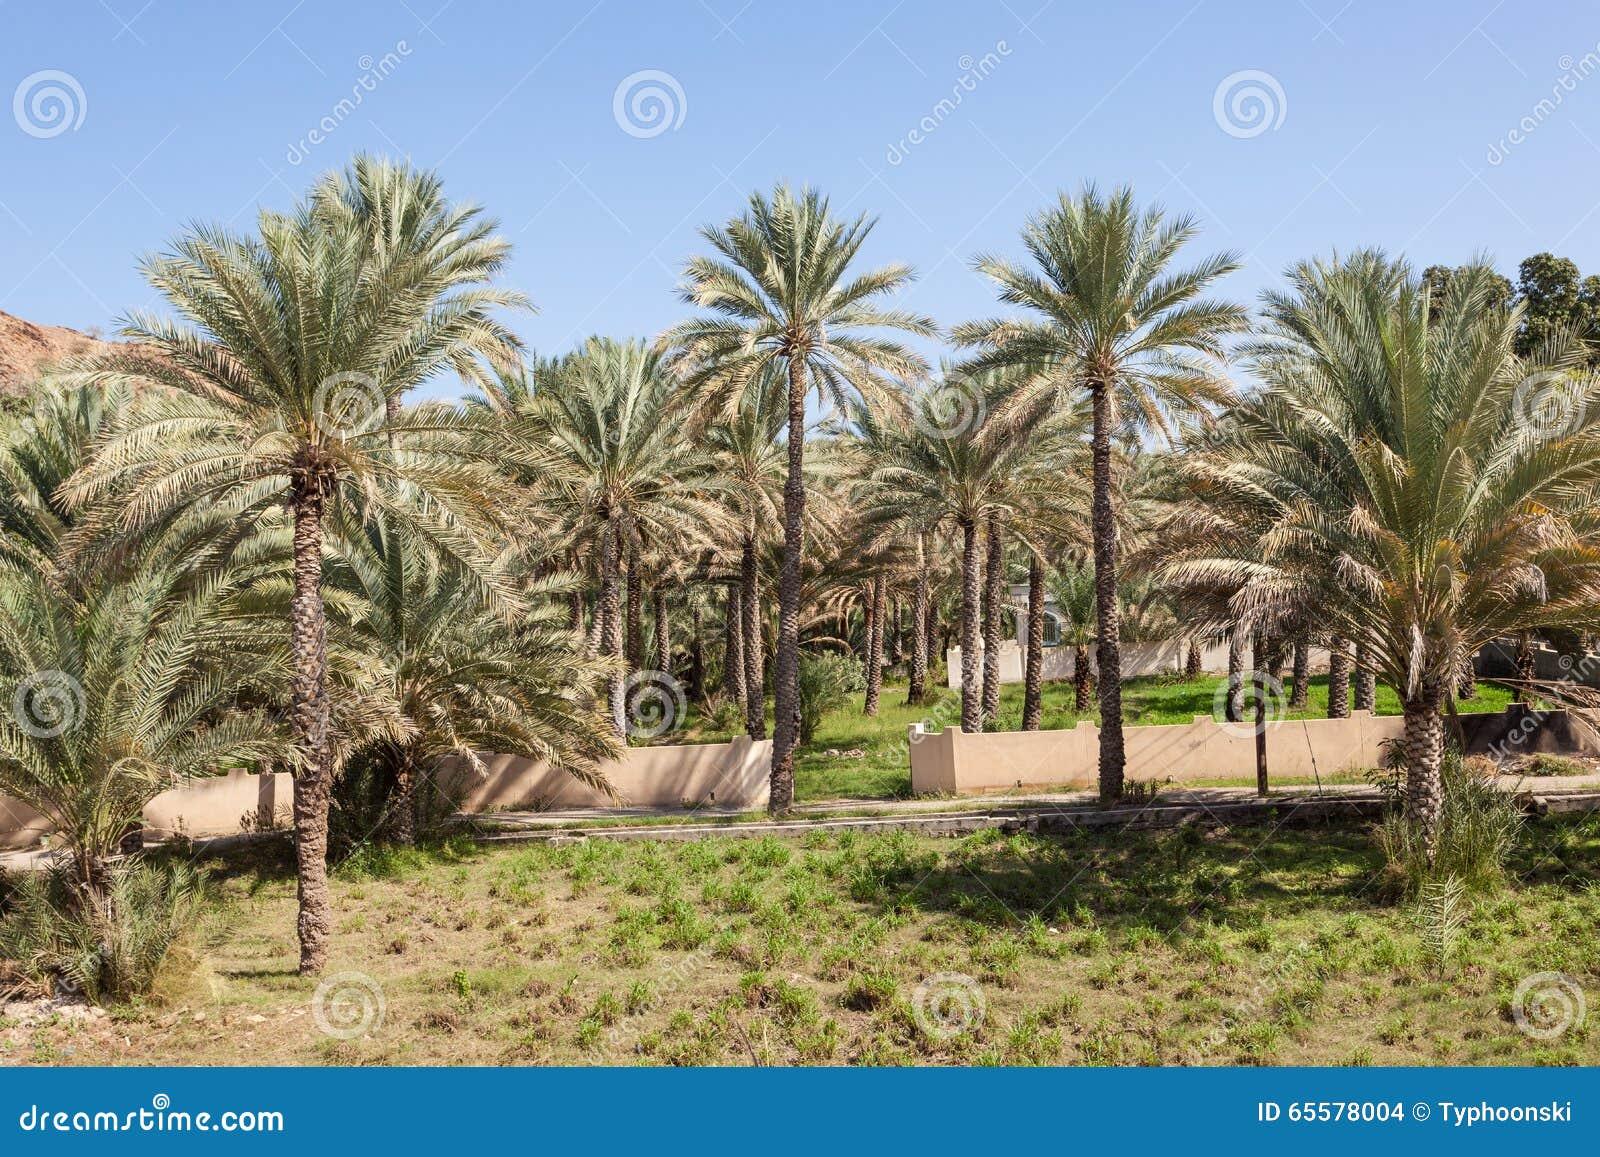 Palmeiras em uns oásis, Omã